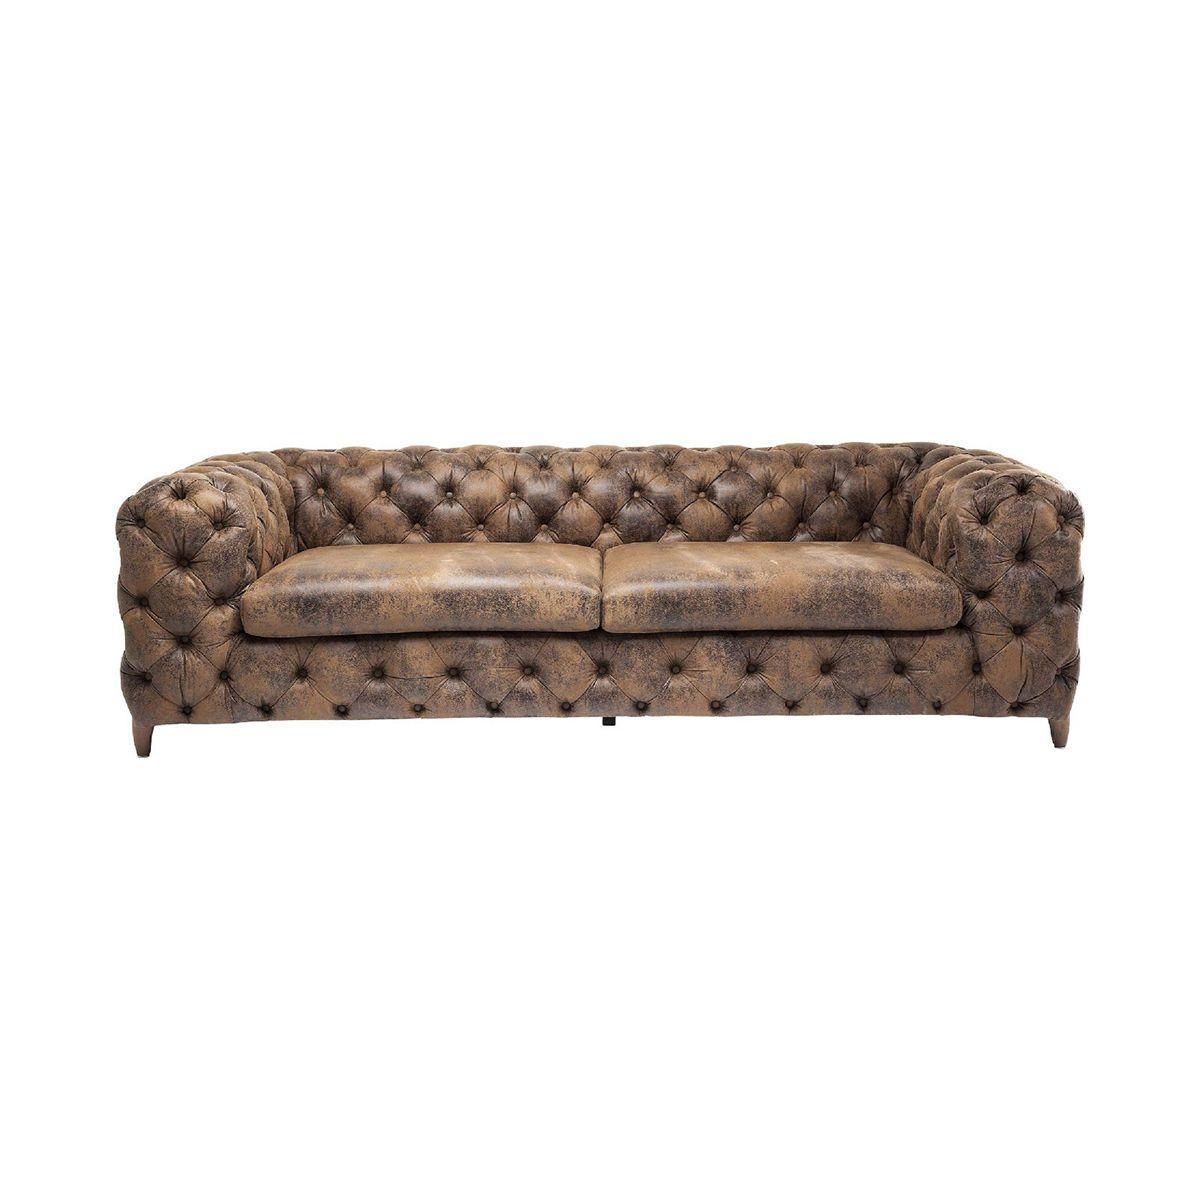 My desire vintage sofa